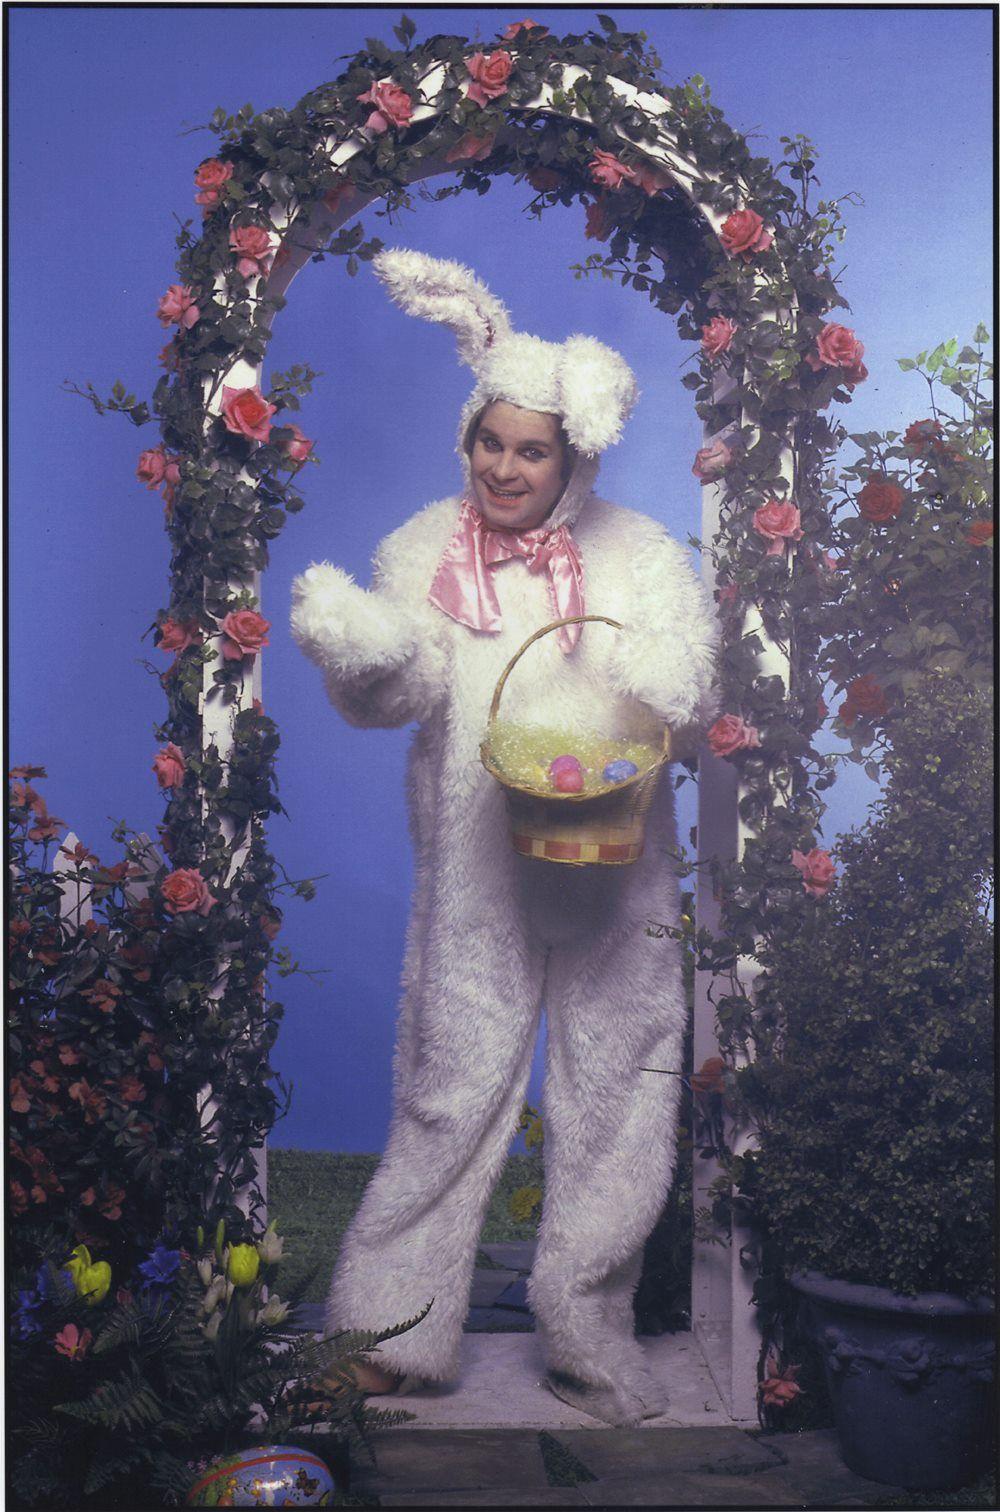 Easter Ozzy Ozzy osbourne, Ozzy osbourne black sabbath